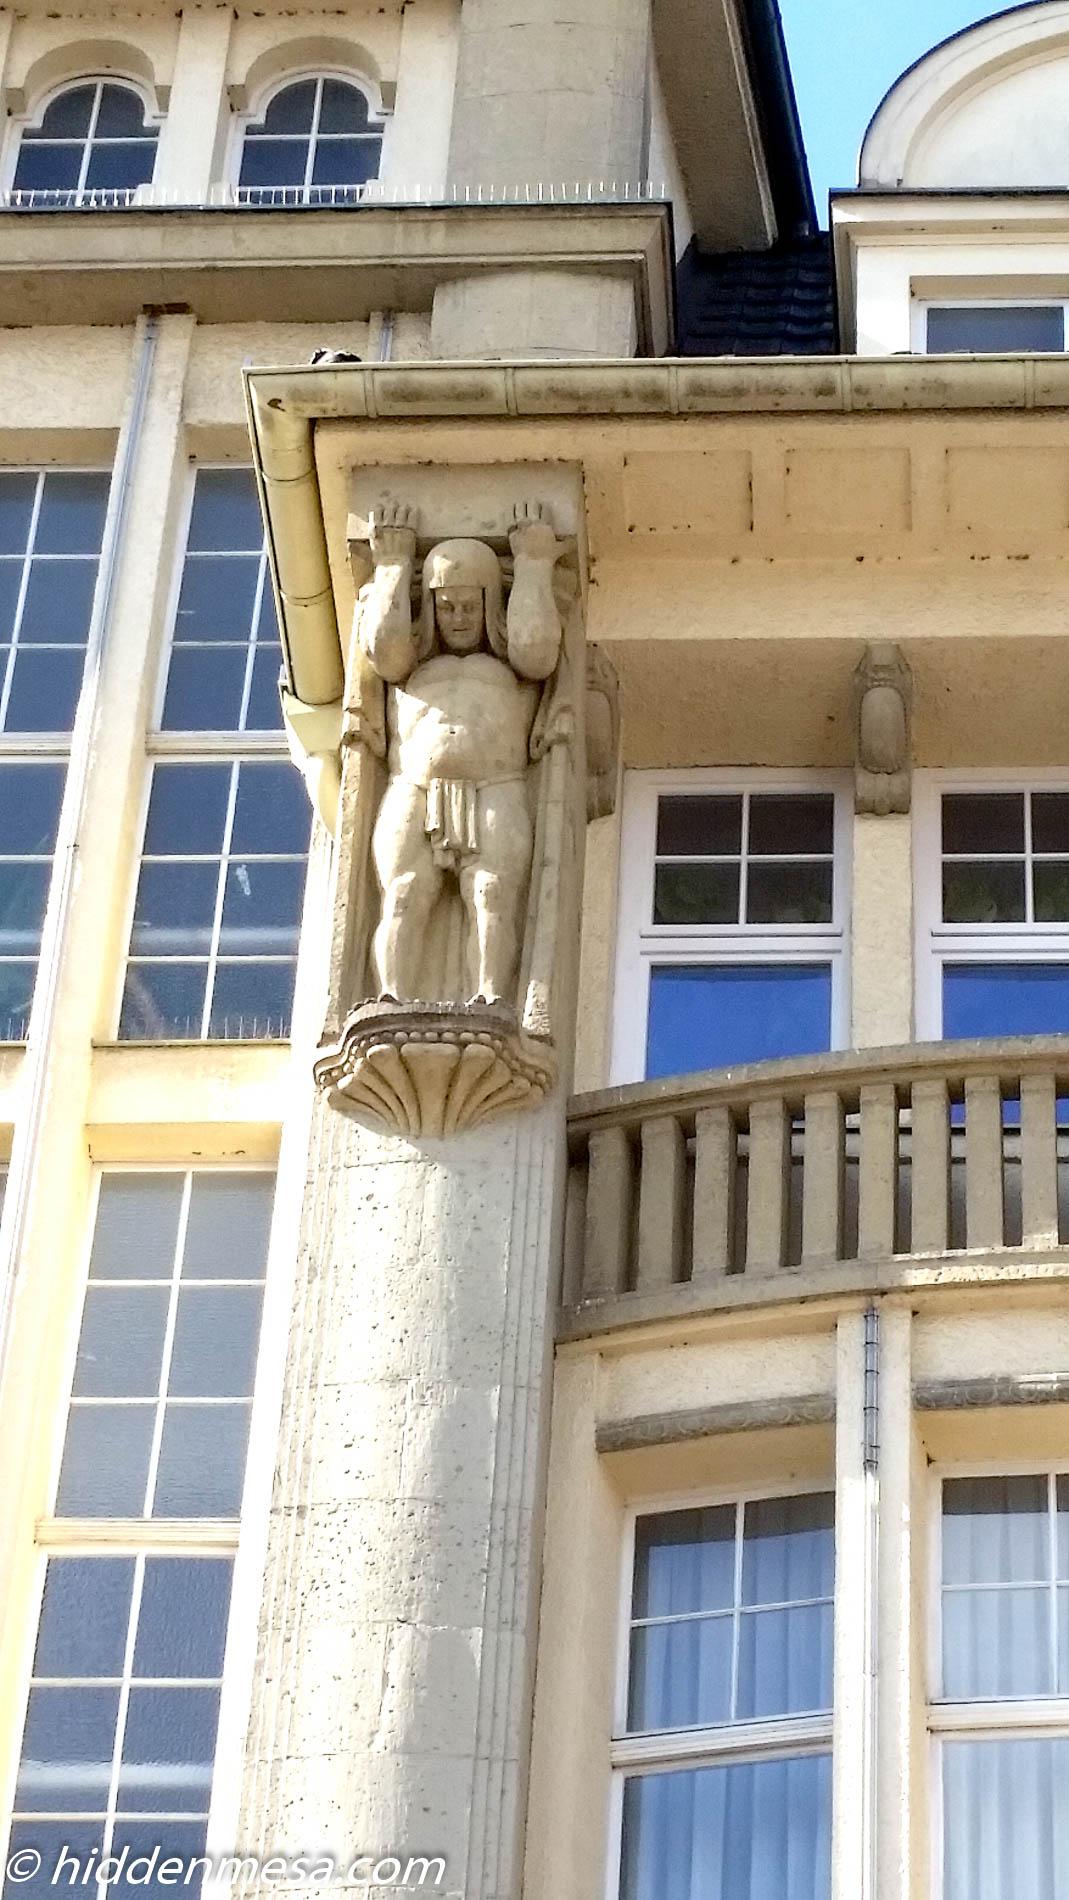 Statue on Building in Schwerin.